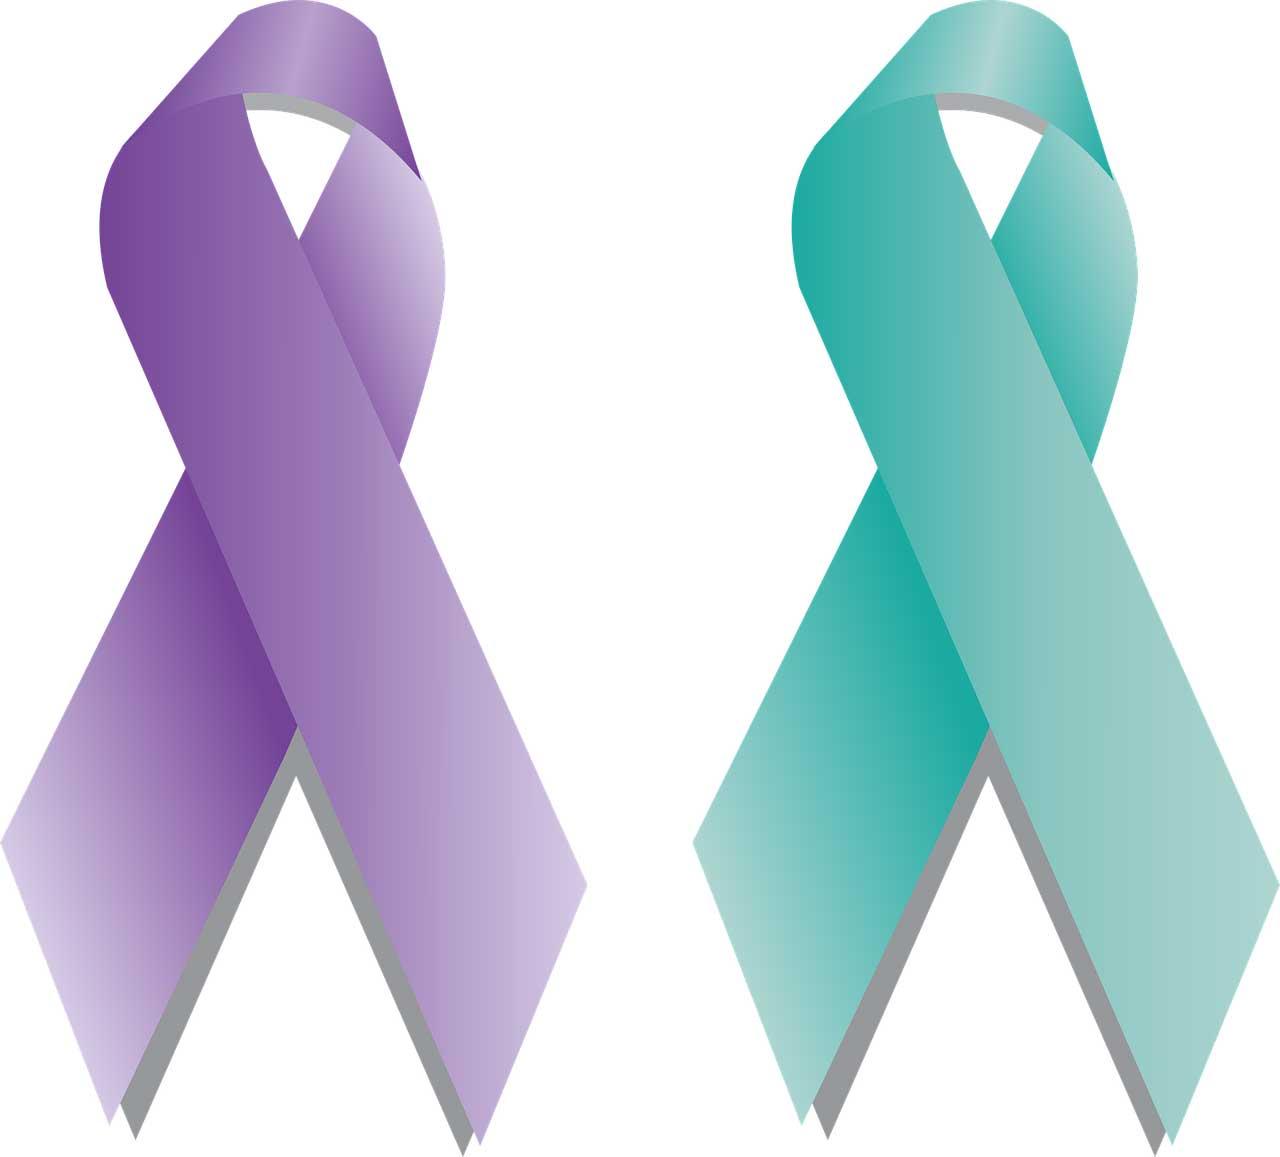 Stile-di-vita-anti-cancro-il-decalogo-WCRF.jpg